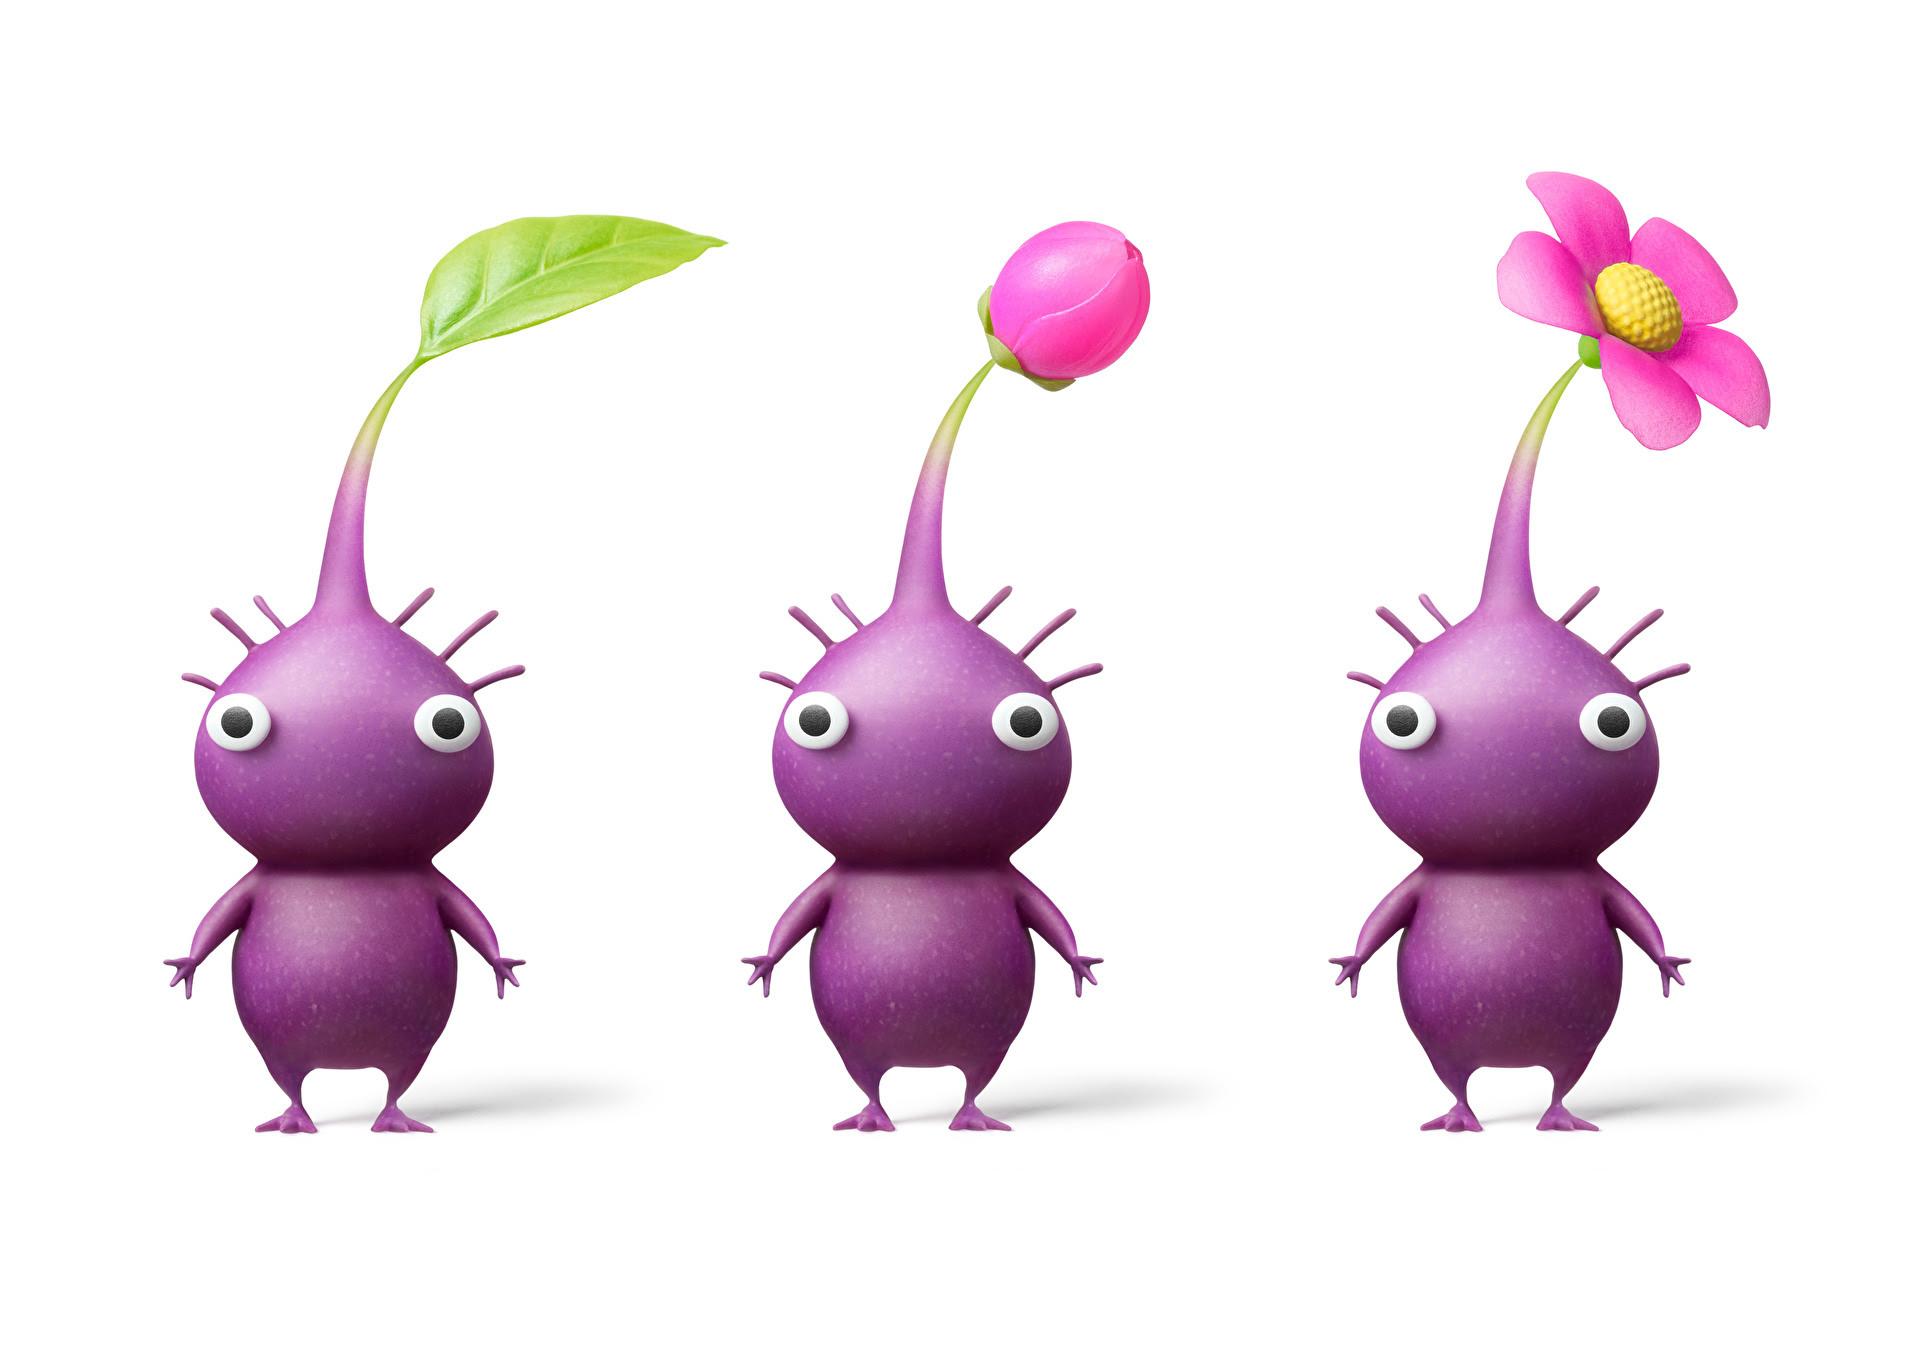 ピクミン3 新しいイラストが公開 白ピクミンや紫ピクミンも Gawin